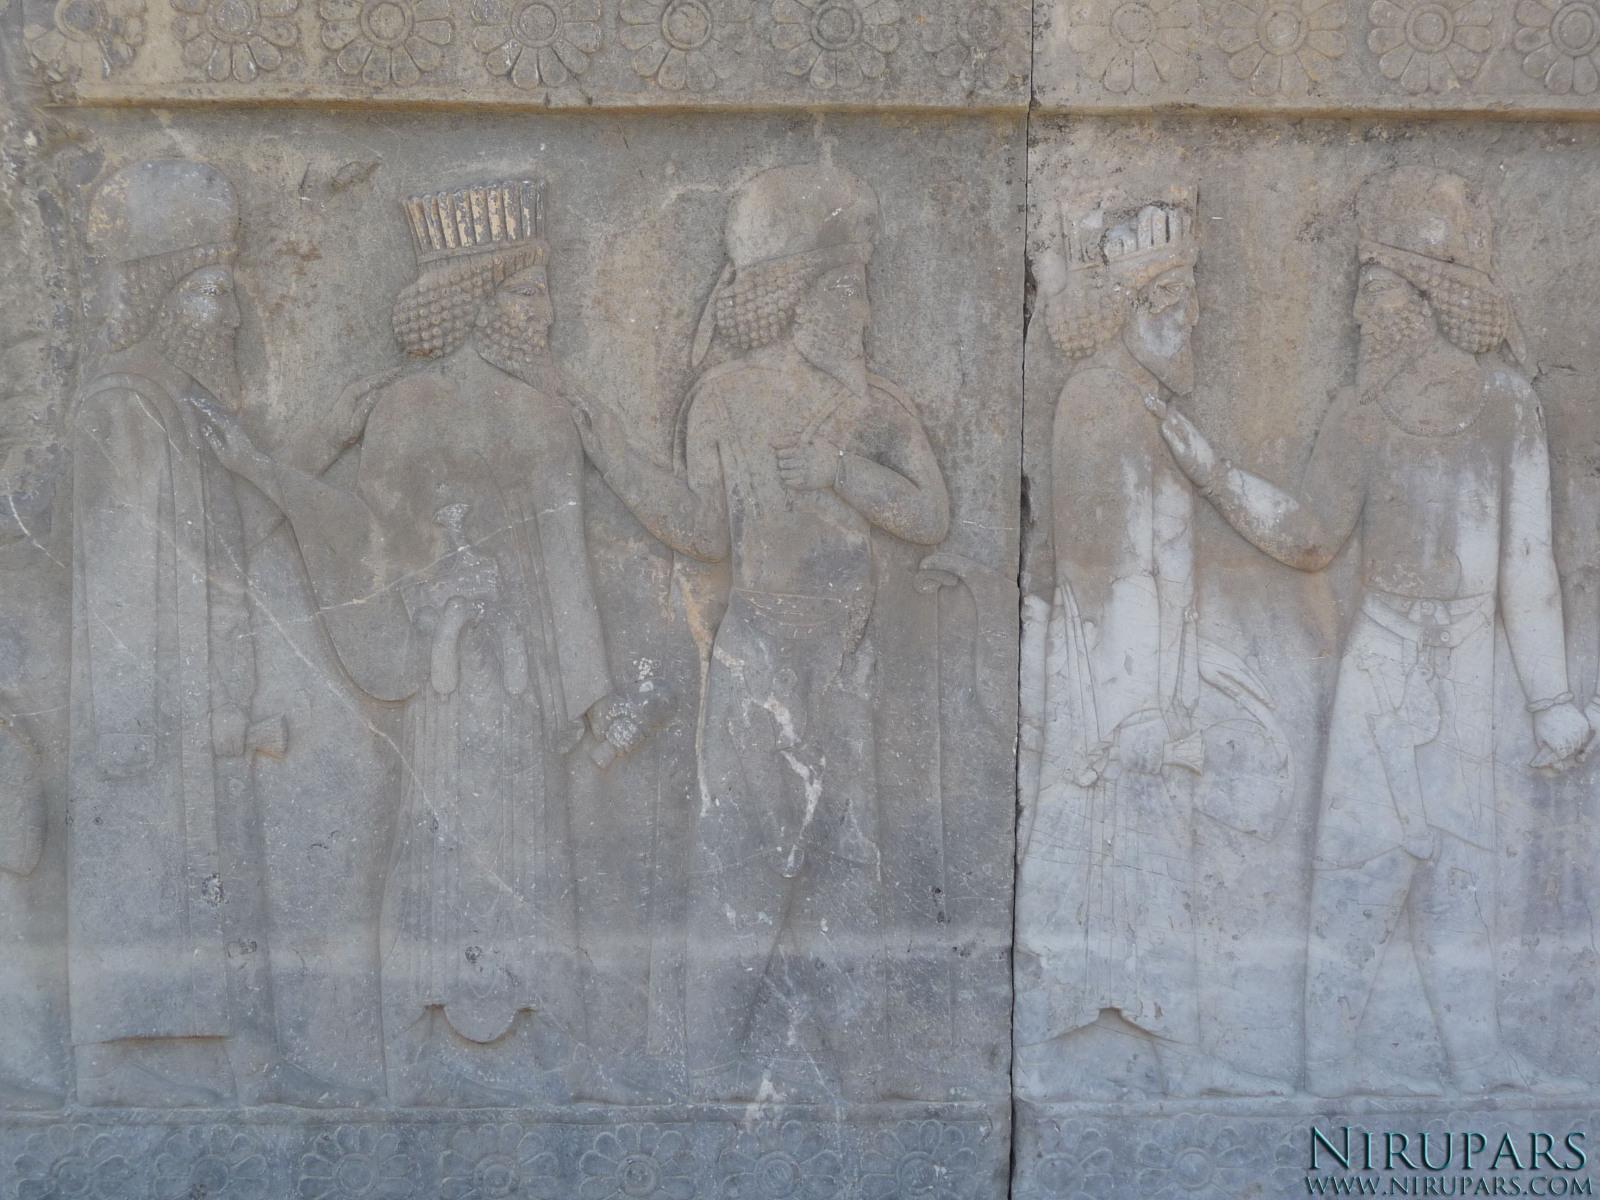 Persepolis - Apadana - North Portico - Noblemen